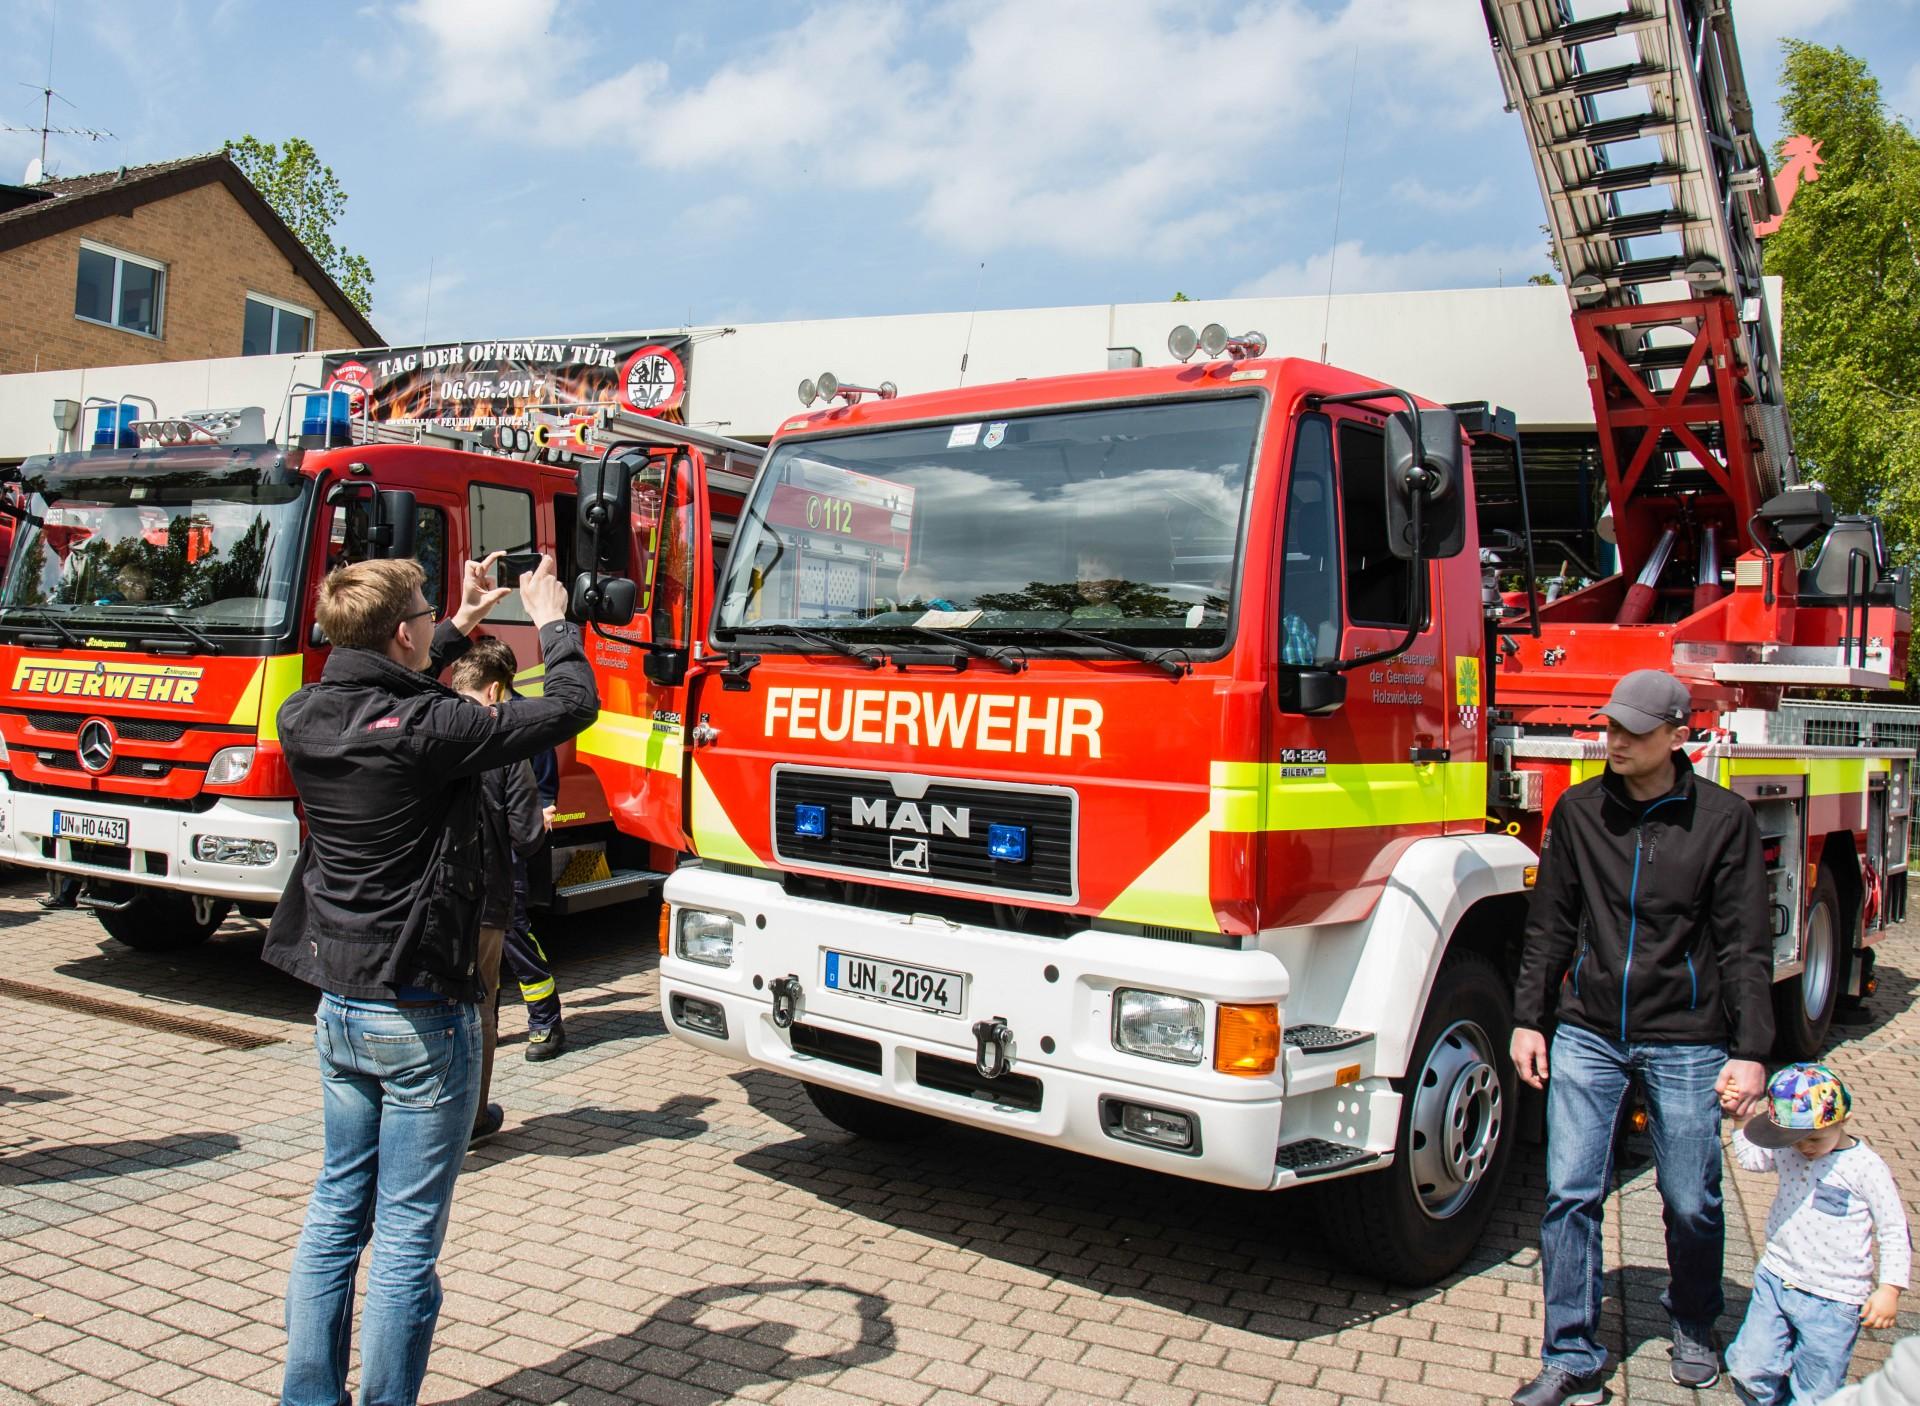 Der Nachwuchs im Feuerwehrauto: Erinnerungsfotos fürs Familienalbum wurden reihenweise geschossen beim Tag der offenen Tür des Löschzuges Mitte. (Foto: P. Gräber - Emscherblog.de)